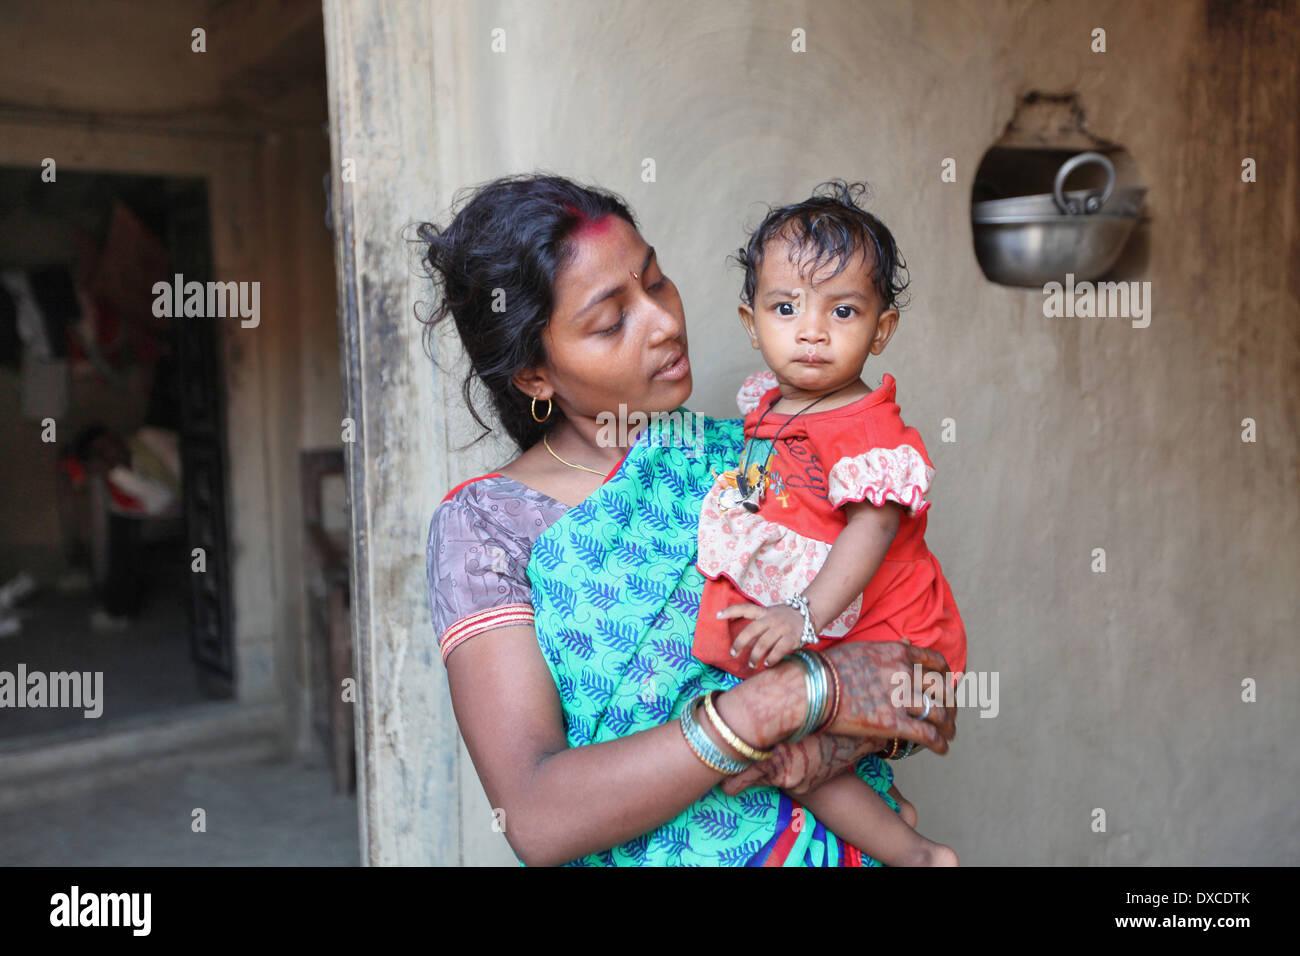 La madre y el niño. Kurmi casta. Village, distrito Hazaribaug Bhilwara, Jharkhand, India Imagen De Stock